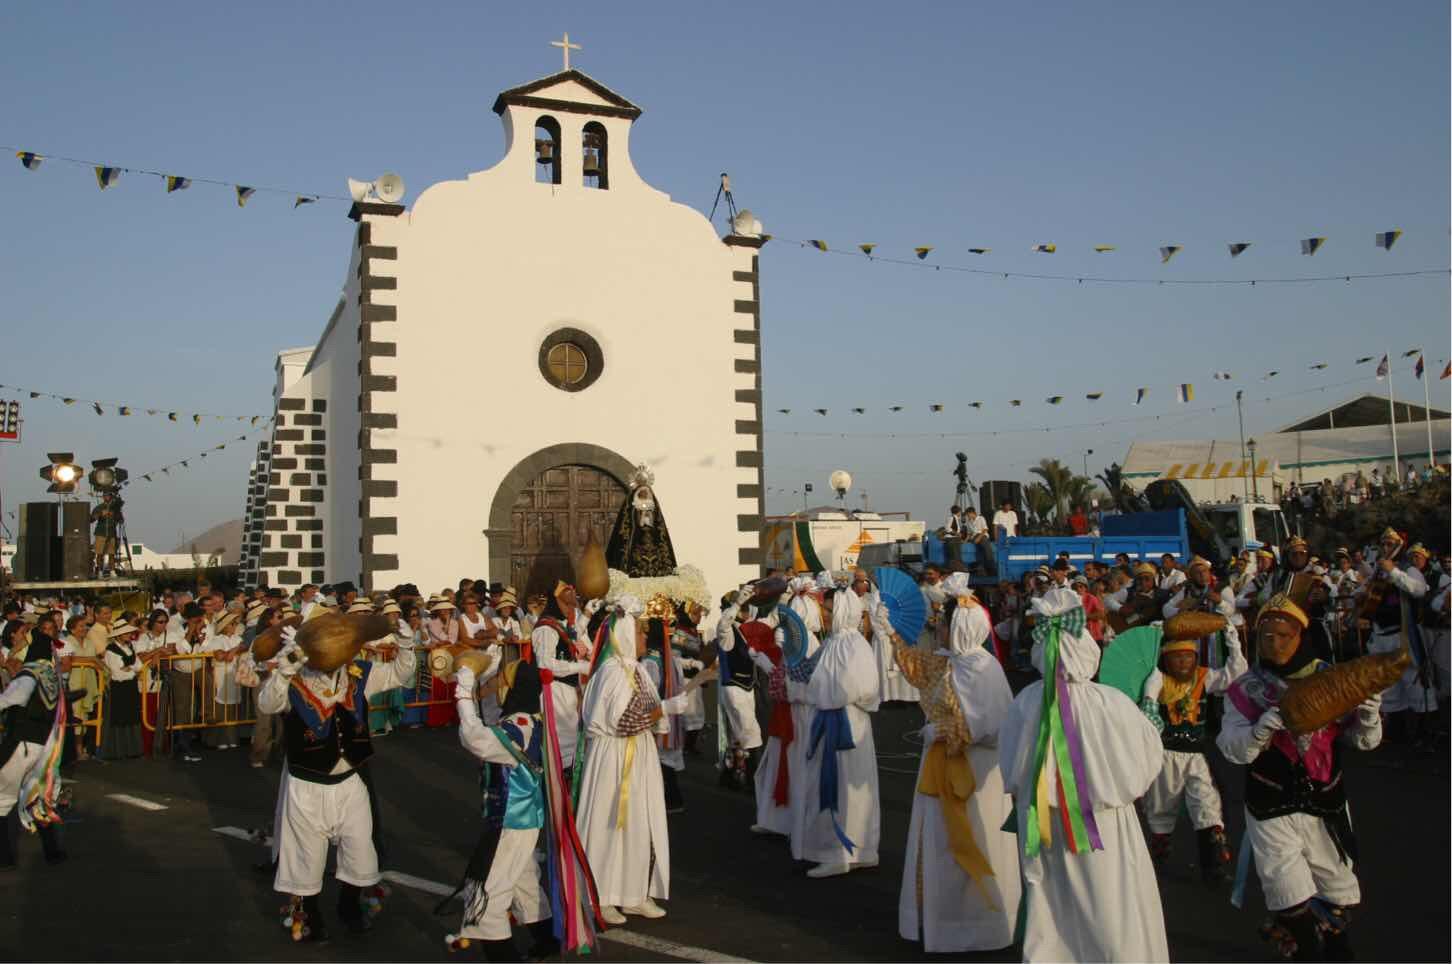 San Bartolomé saldrá en Romería a Los Dolores a las 12.00 horas el sábado 16 de septiembre desde la plaza del Ayuntamiento